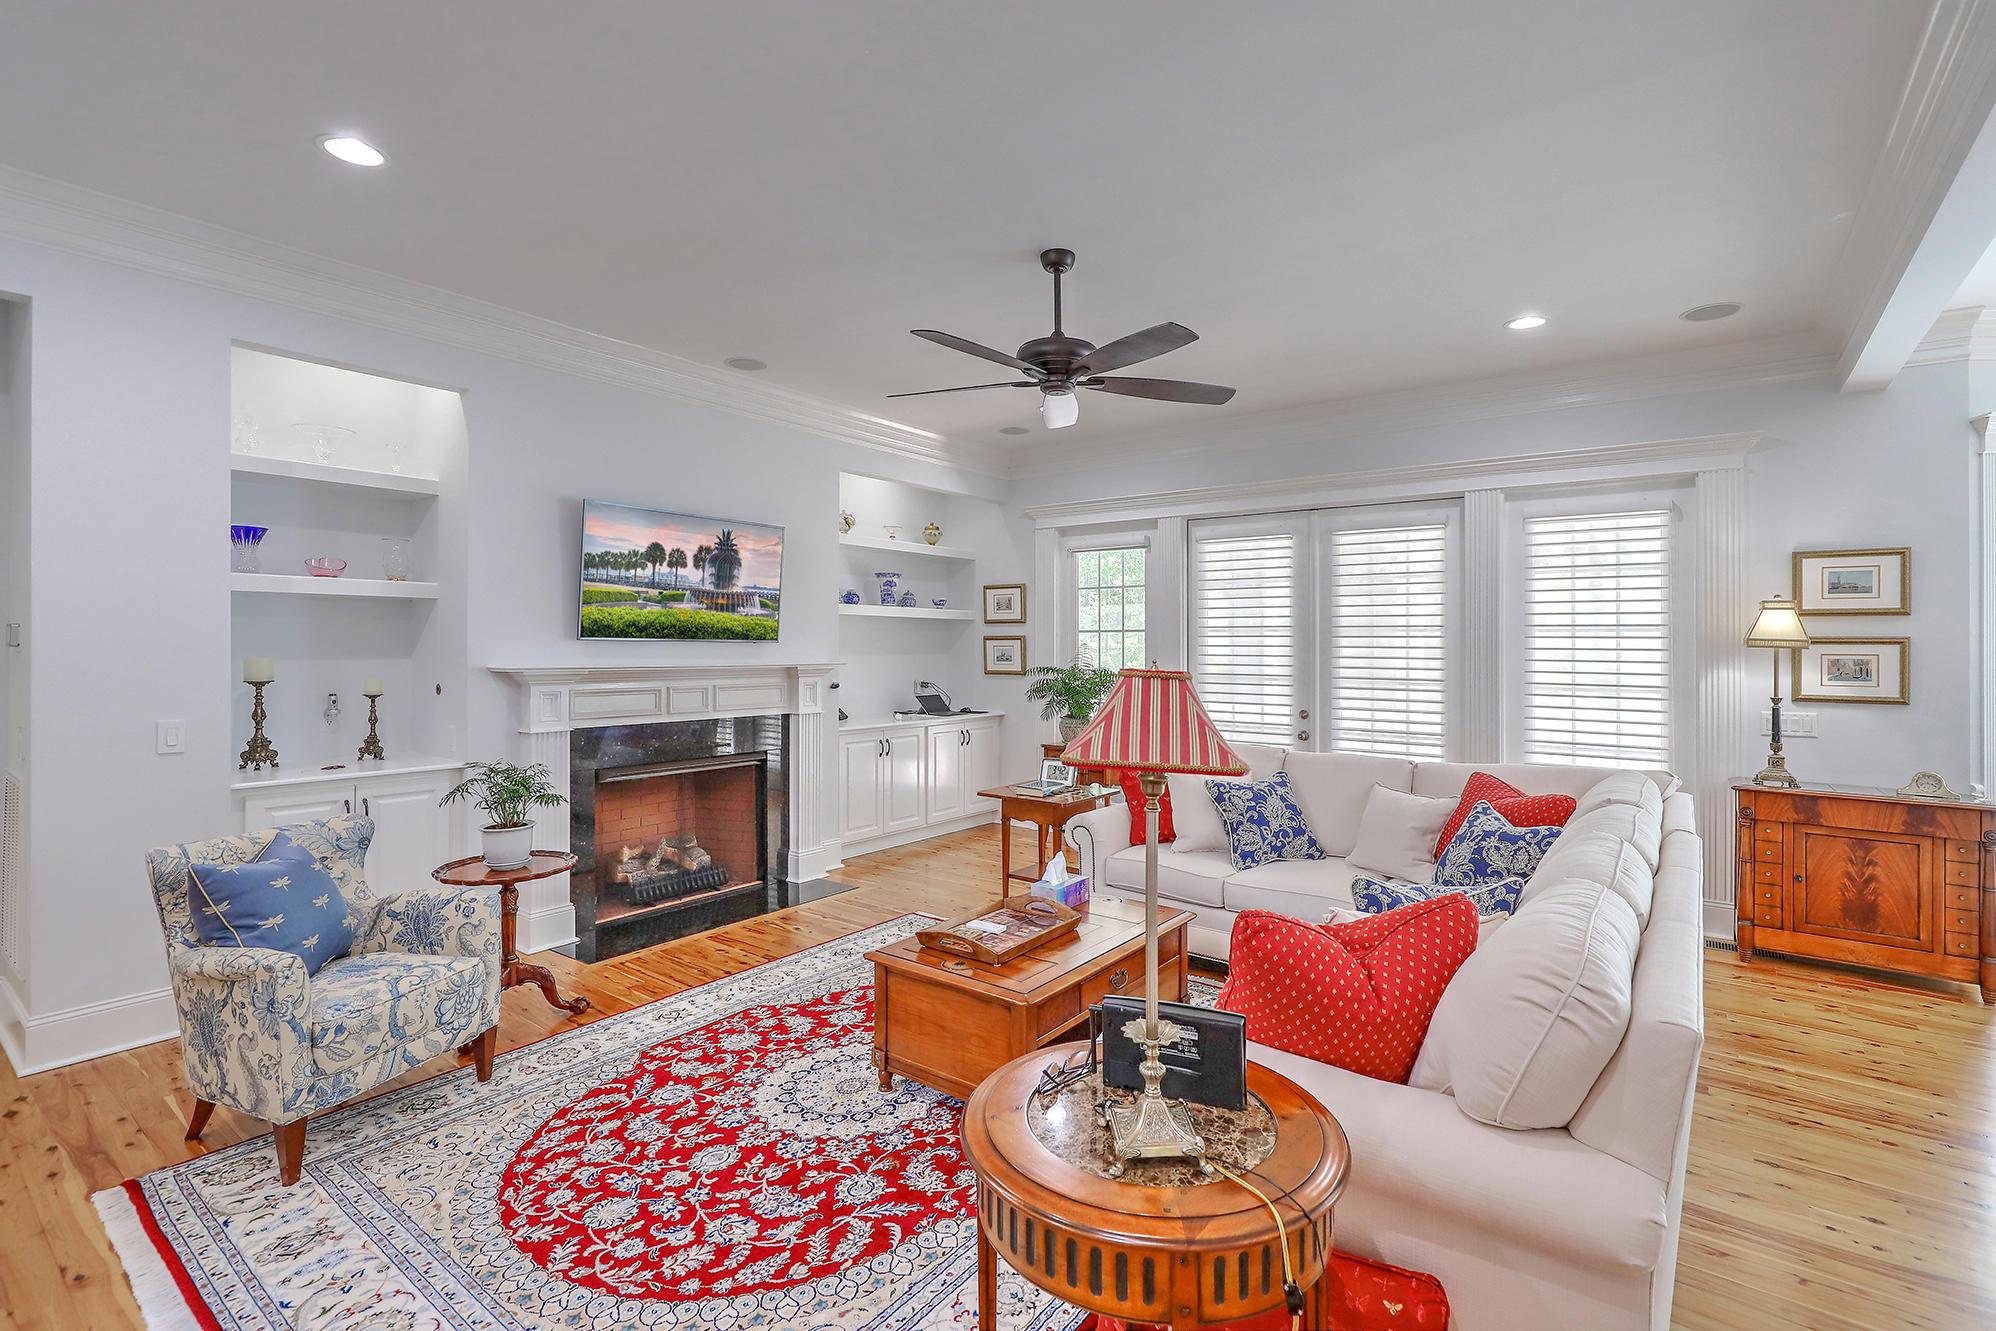 Park West Homes For Sale - 2108 Malcolm, Mount Pleasant, SC - 23